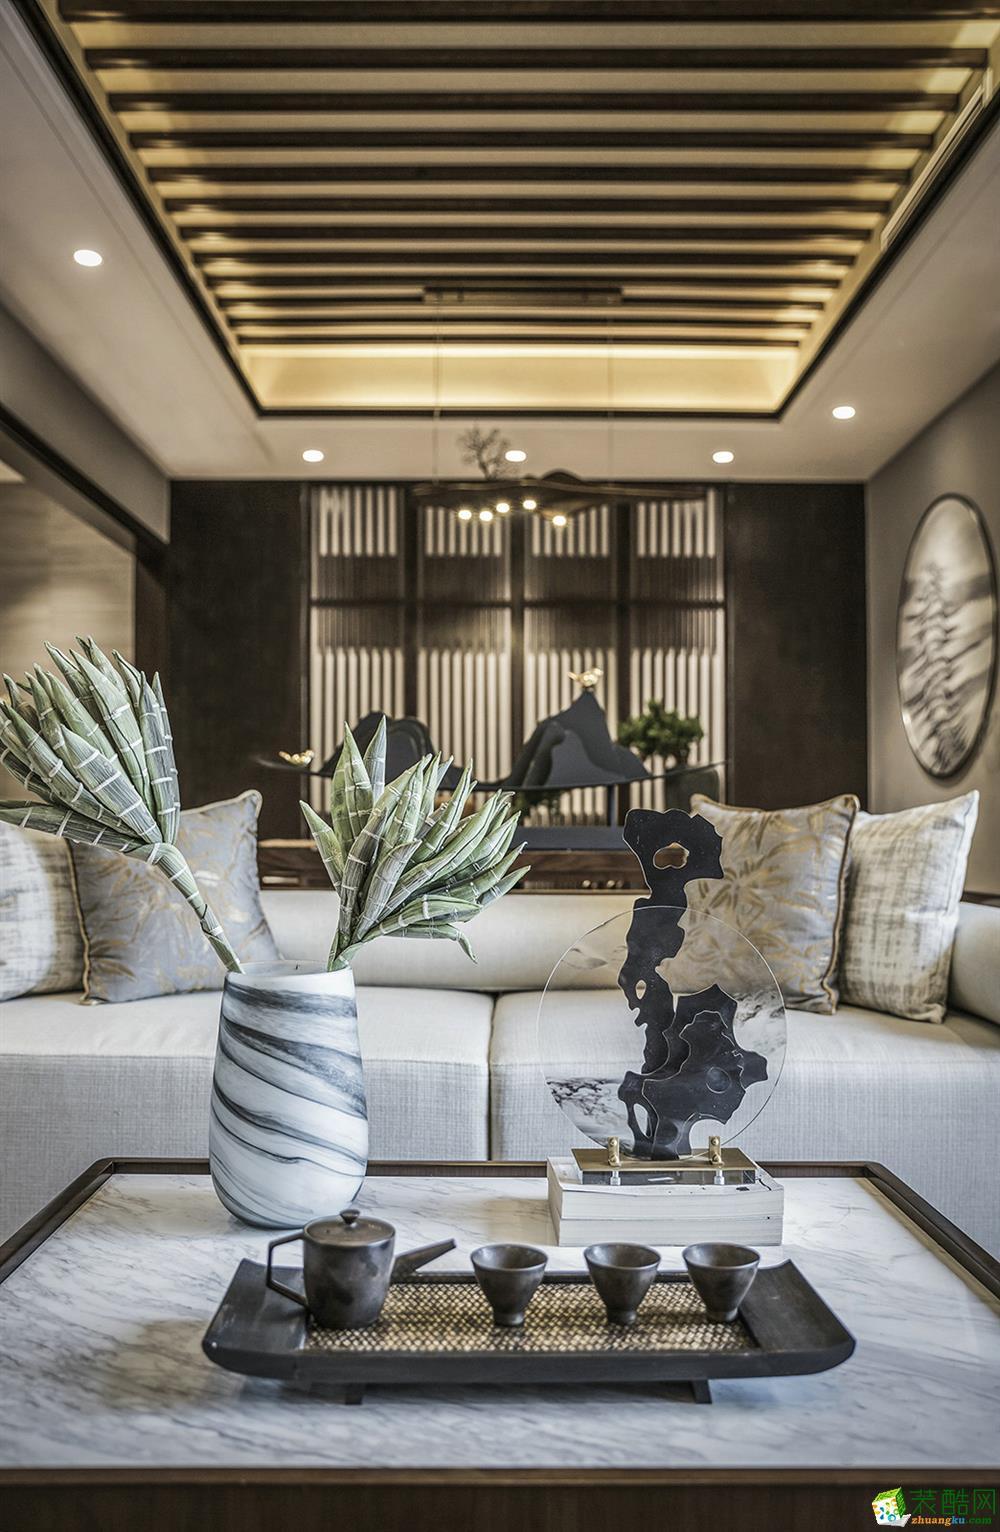 沈阳琥珀湾别墅245平四室中式风格装修效果图